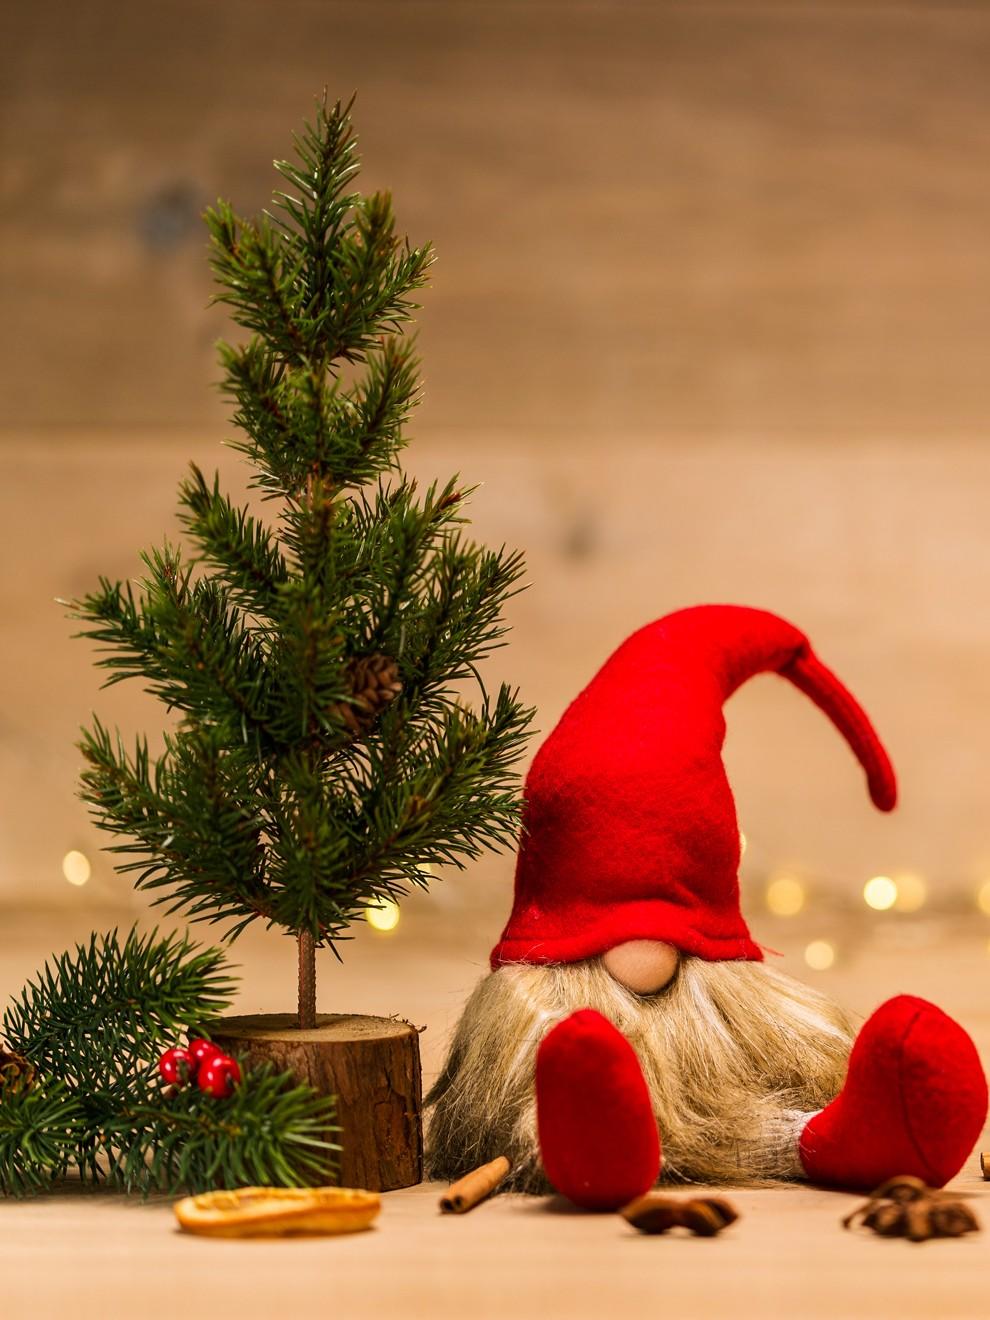 Frases Para Felecitar La Navidad.116 Frases De Navidad Y Ano Nuevo 2019 Nunca Antes Vistas